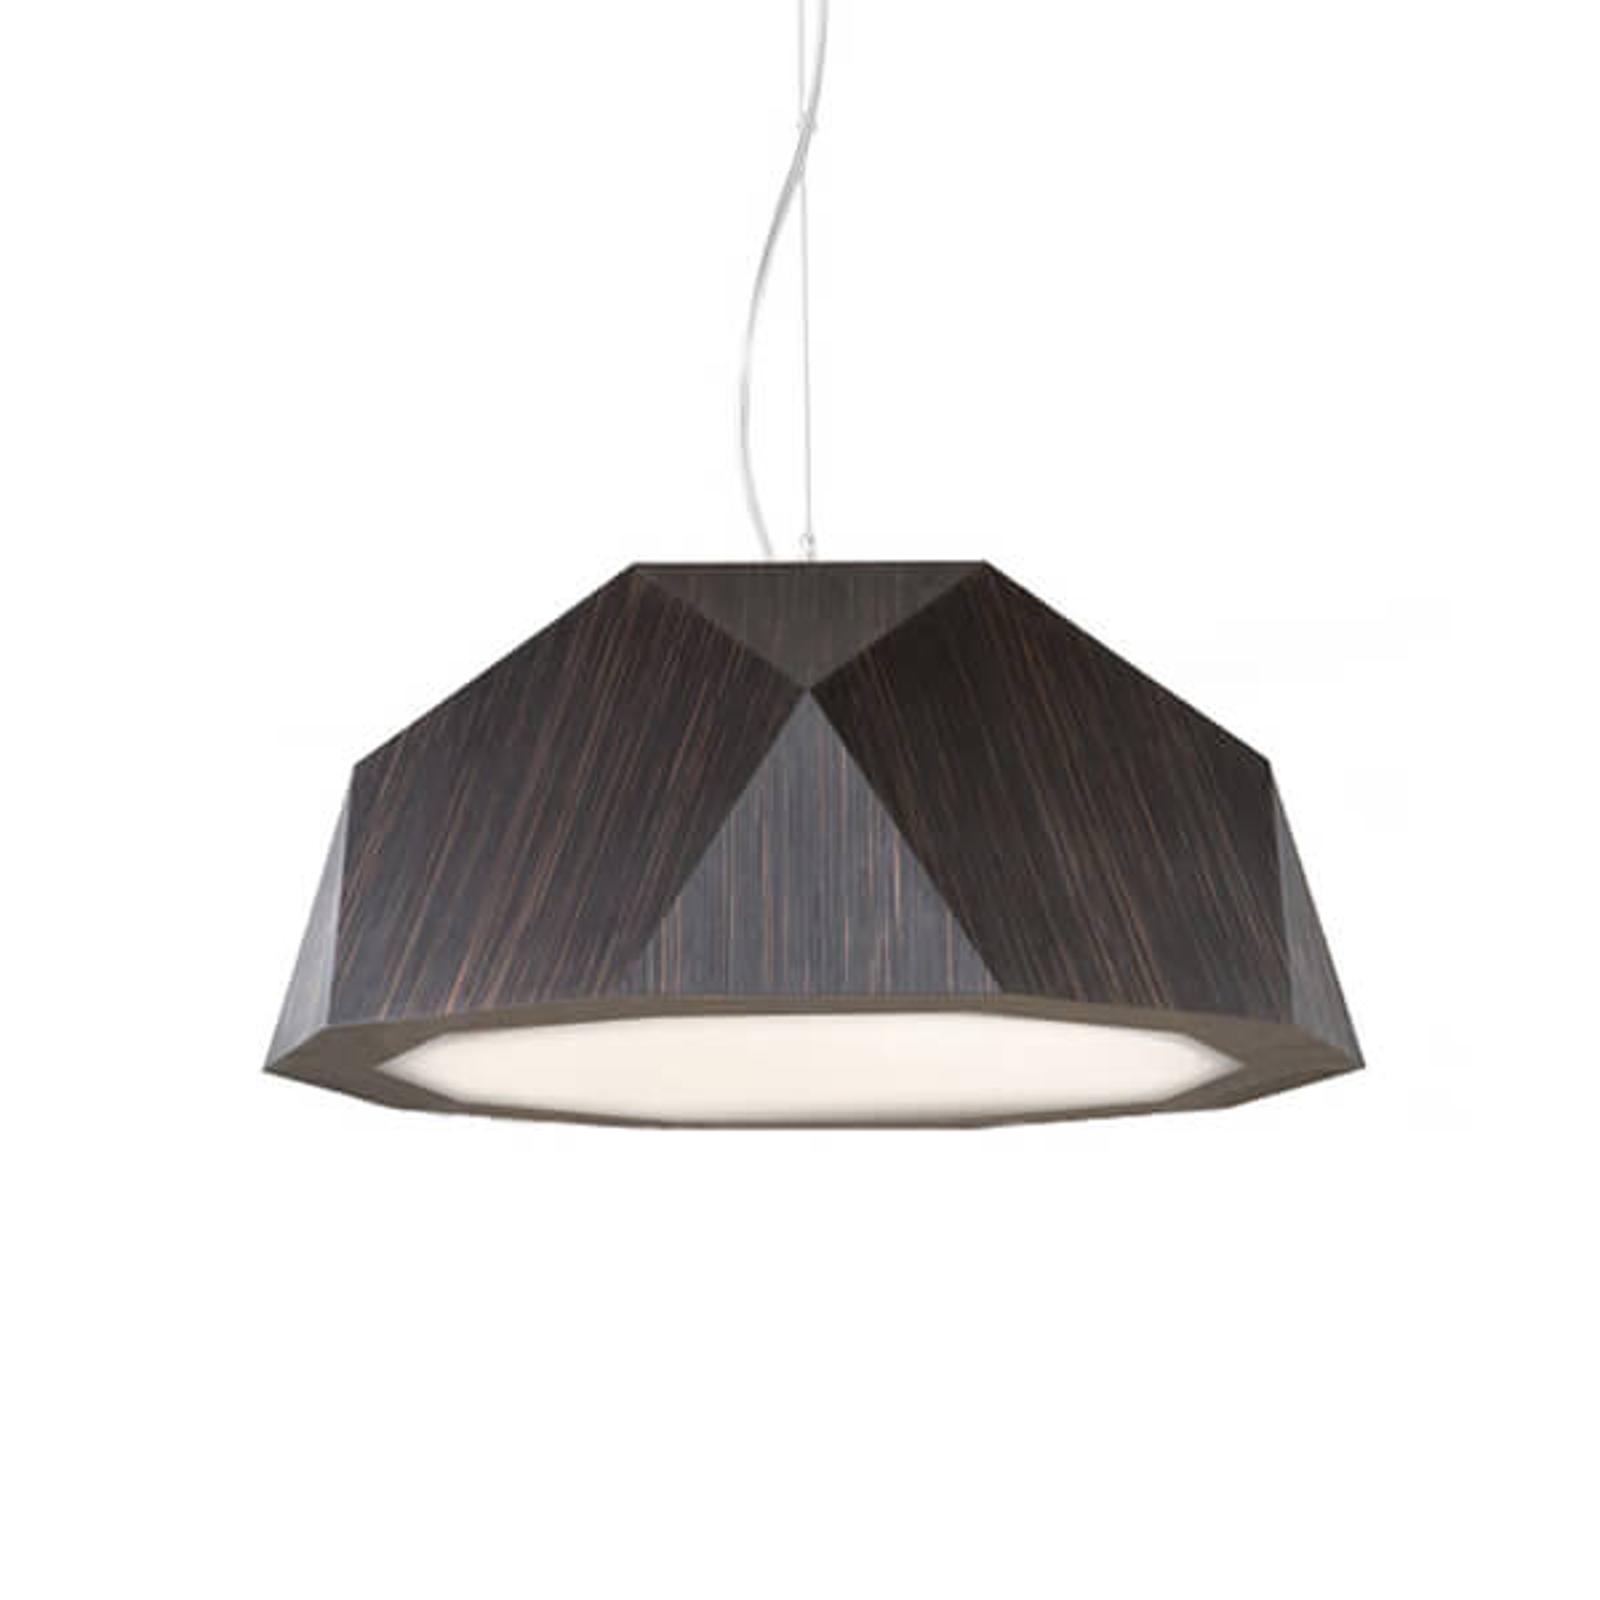 Lampa wisząca LED Crio, jak ciemne drewno